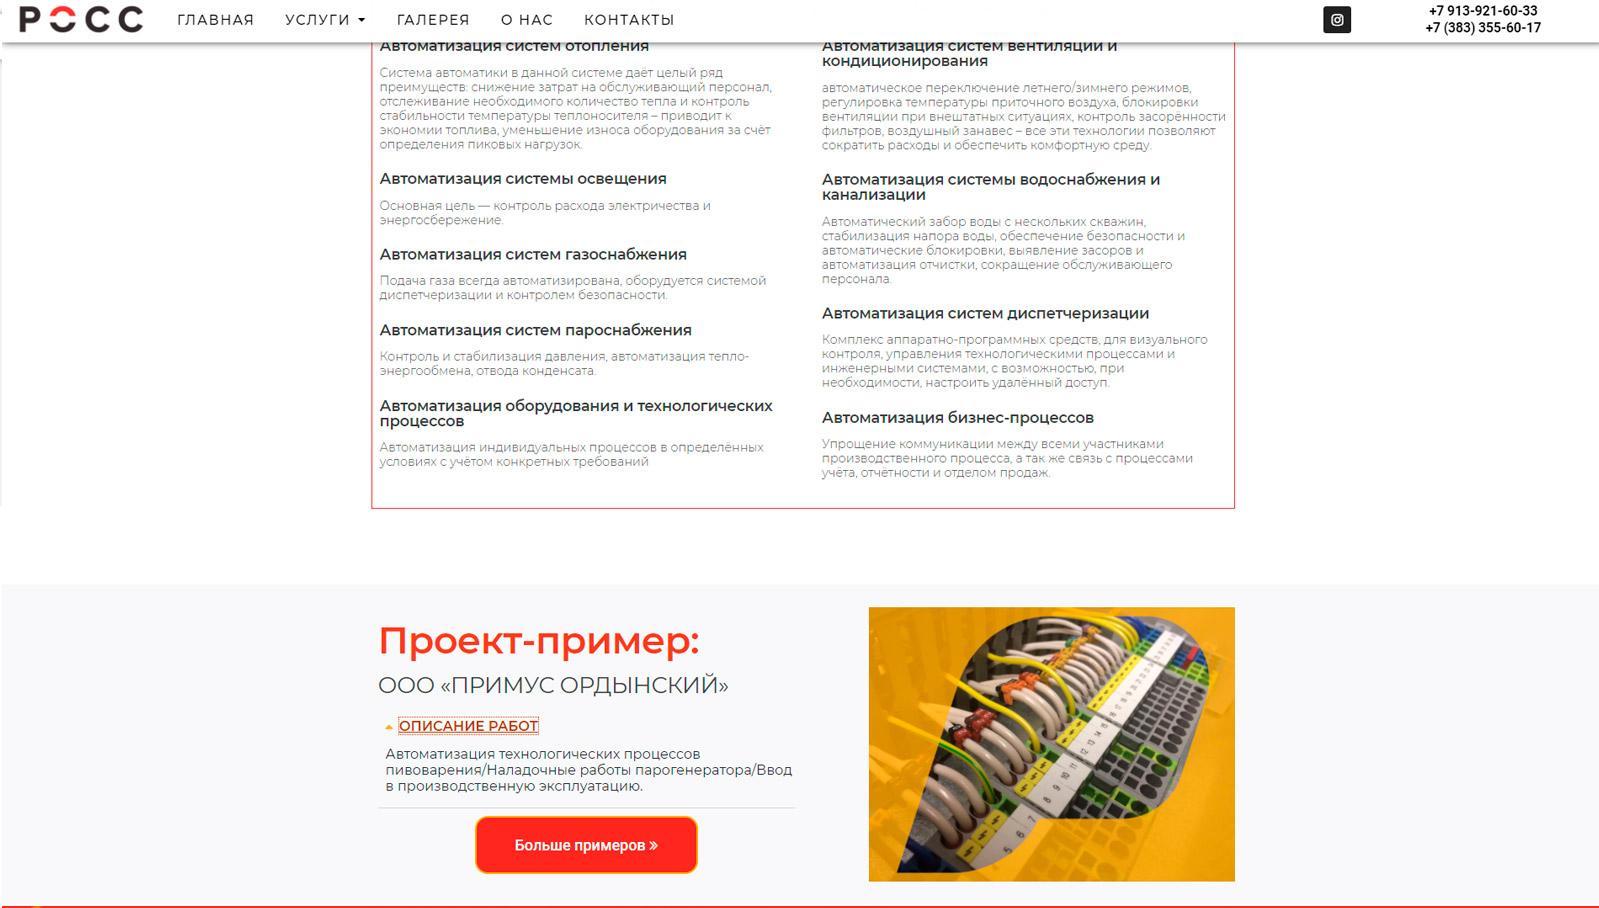 SPS_sajt_ross_avtomatizaciya7